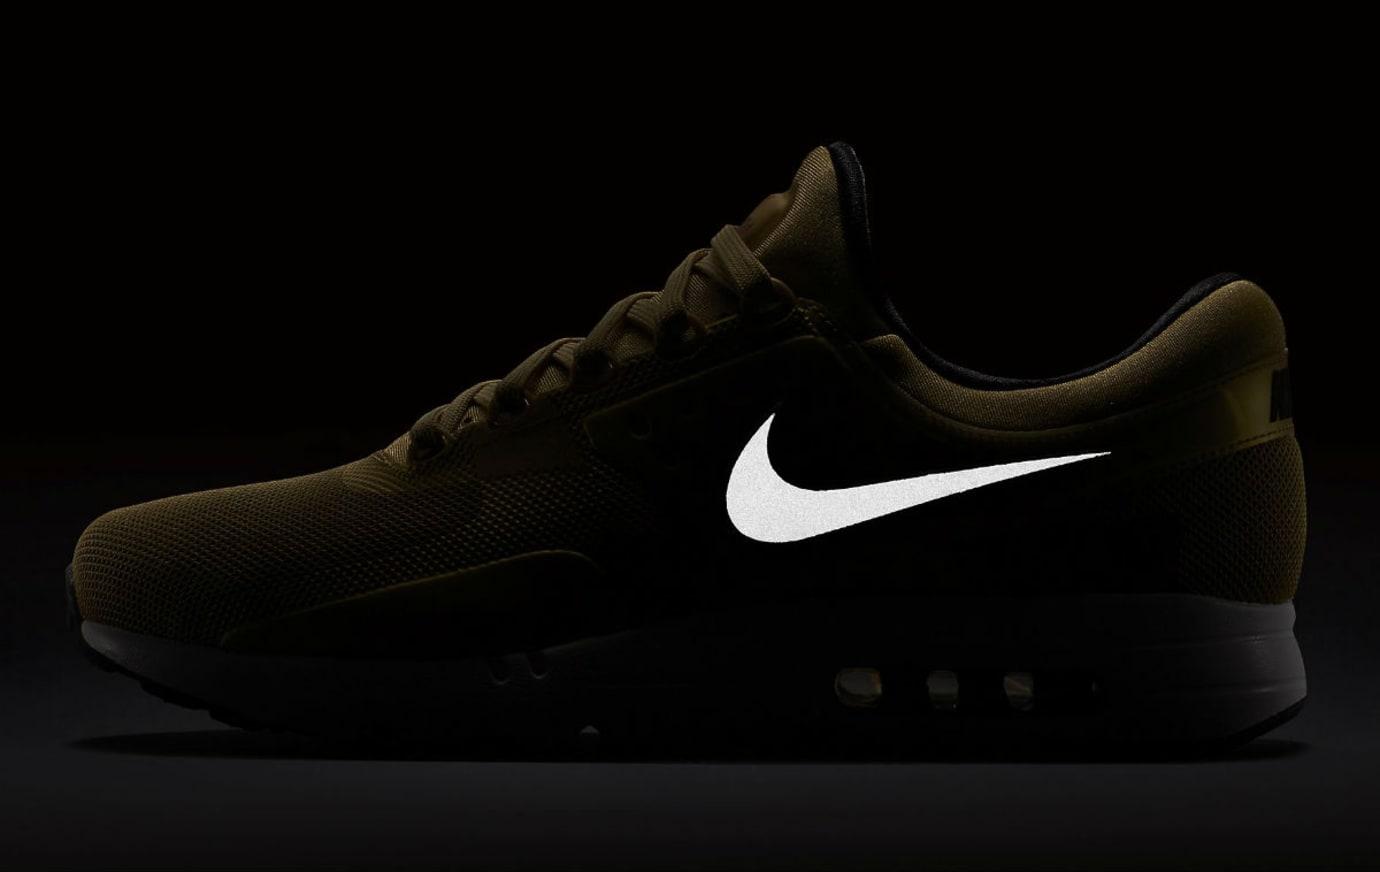 Professional style Nike 2019 Air Max Zero Qs Metallic Gold